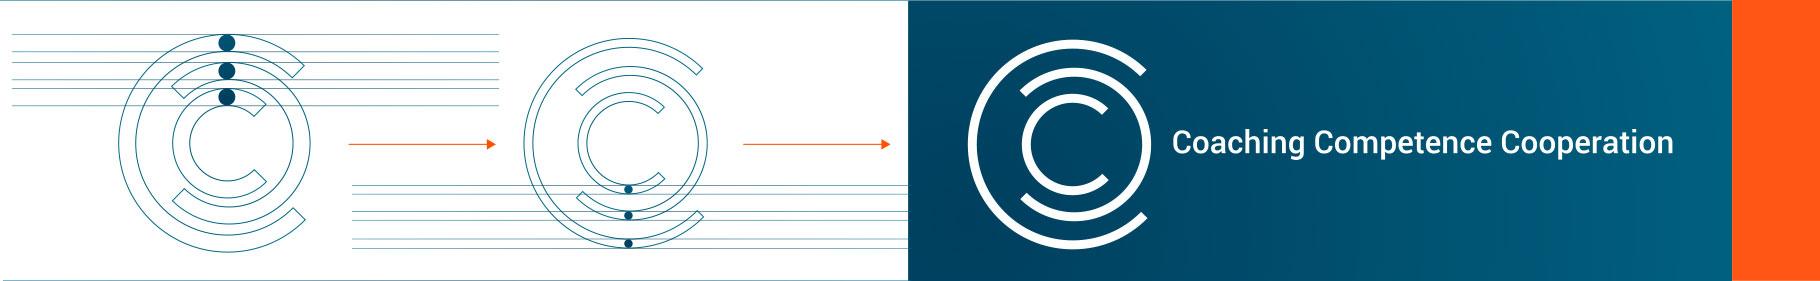 Grafische Entwicklung des neuen Logos